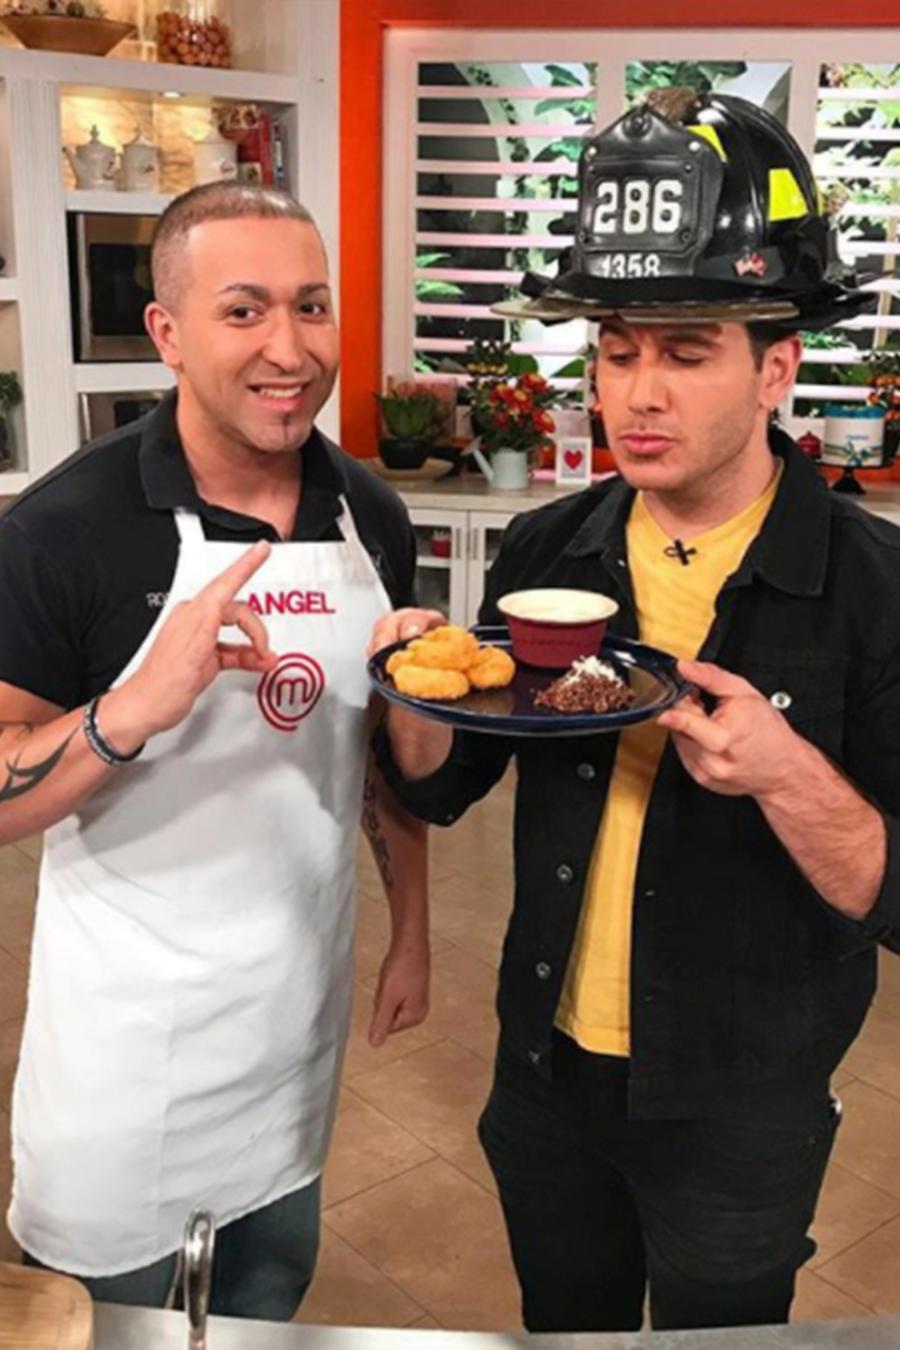 Recetas de cocina: Cómo hacer unos Camarones con Coco, Quinoa y Salsa de Piña Colada